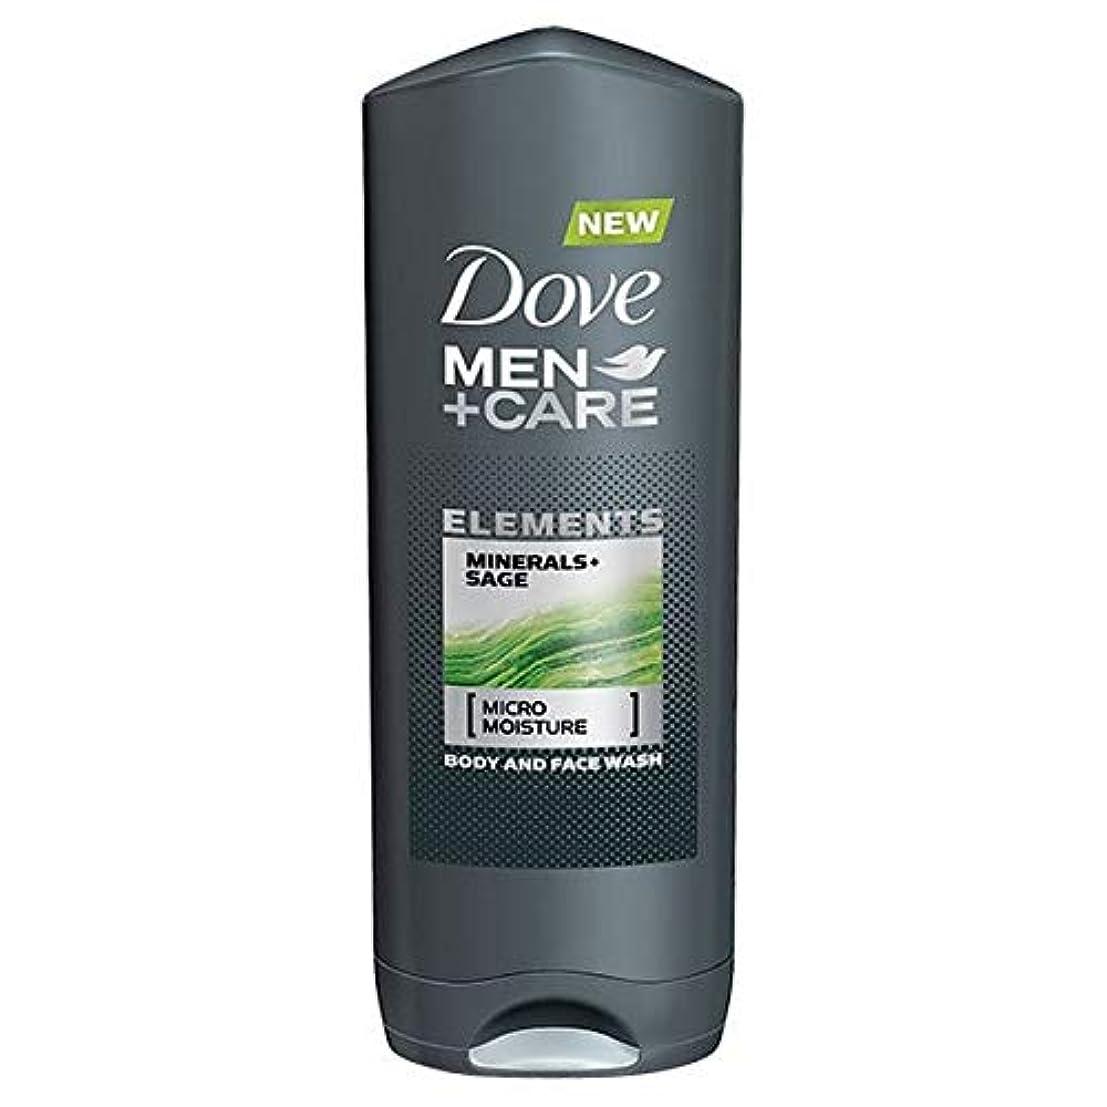 大きなスケールで見るとフォーラムルアー[Dove ] 鳩の男性+ケアシャワーミネラルやセージ400ミリリットル - Dove Men + Care Shower Minerals and Sage 400ml [並行輸入品]